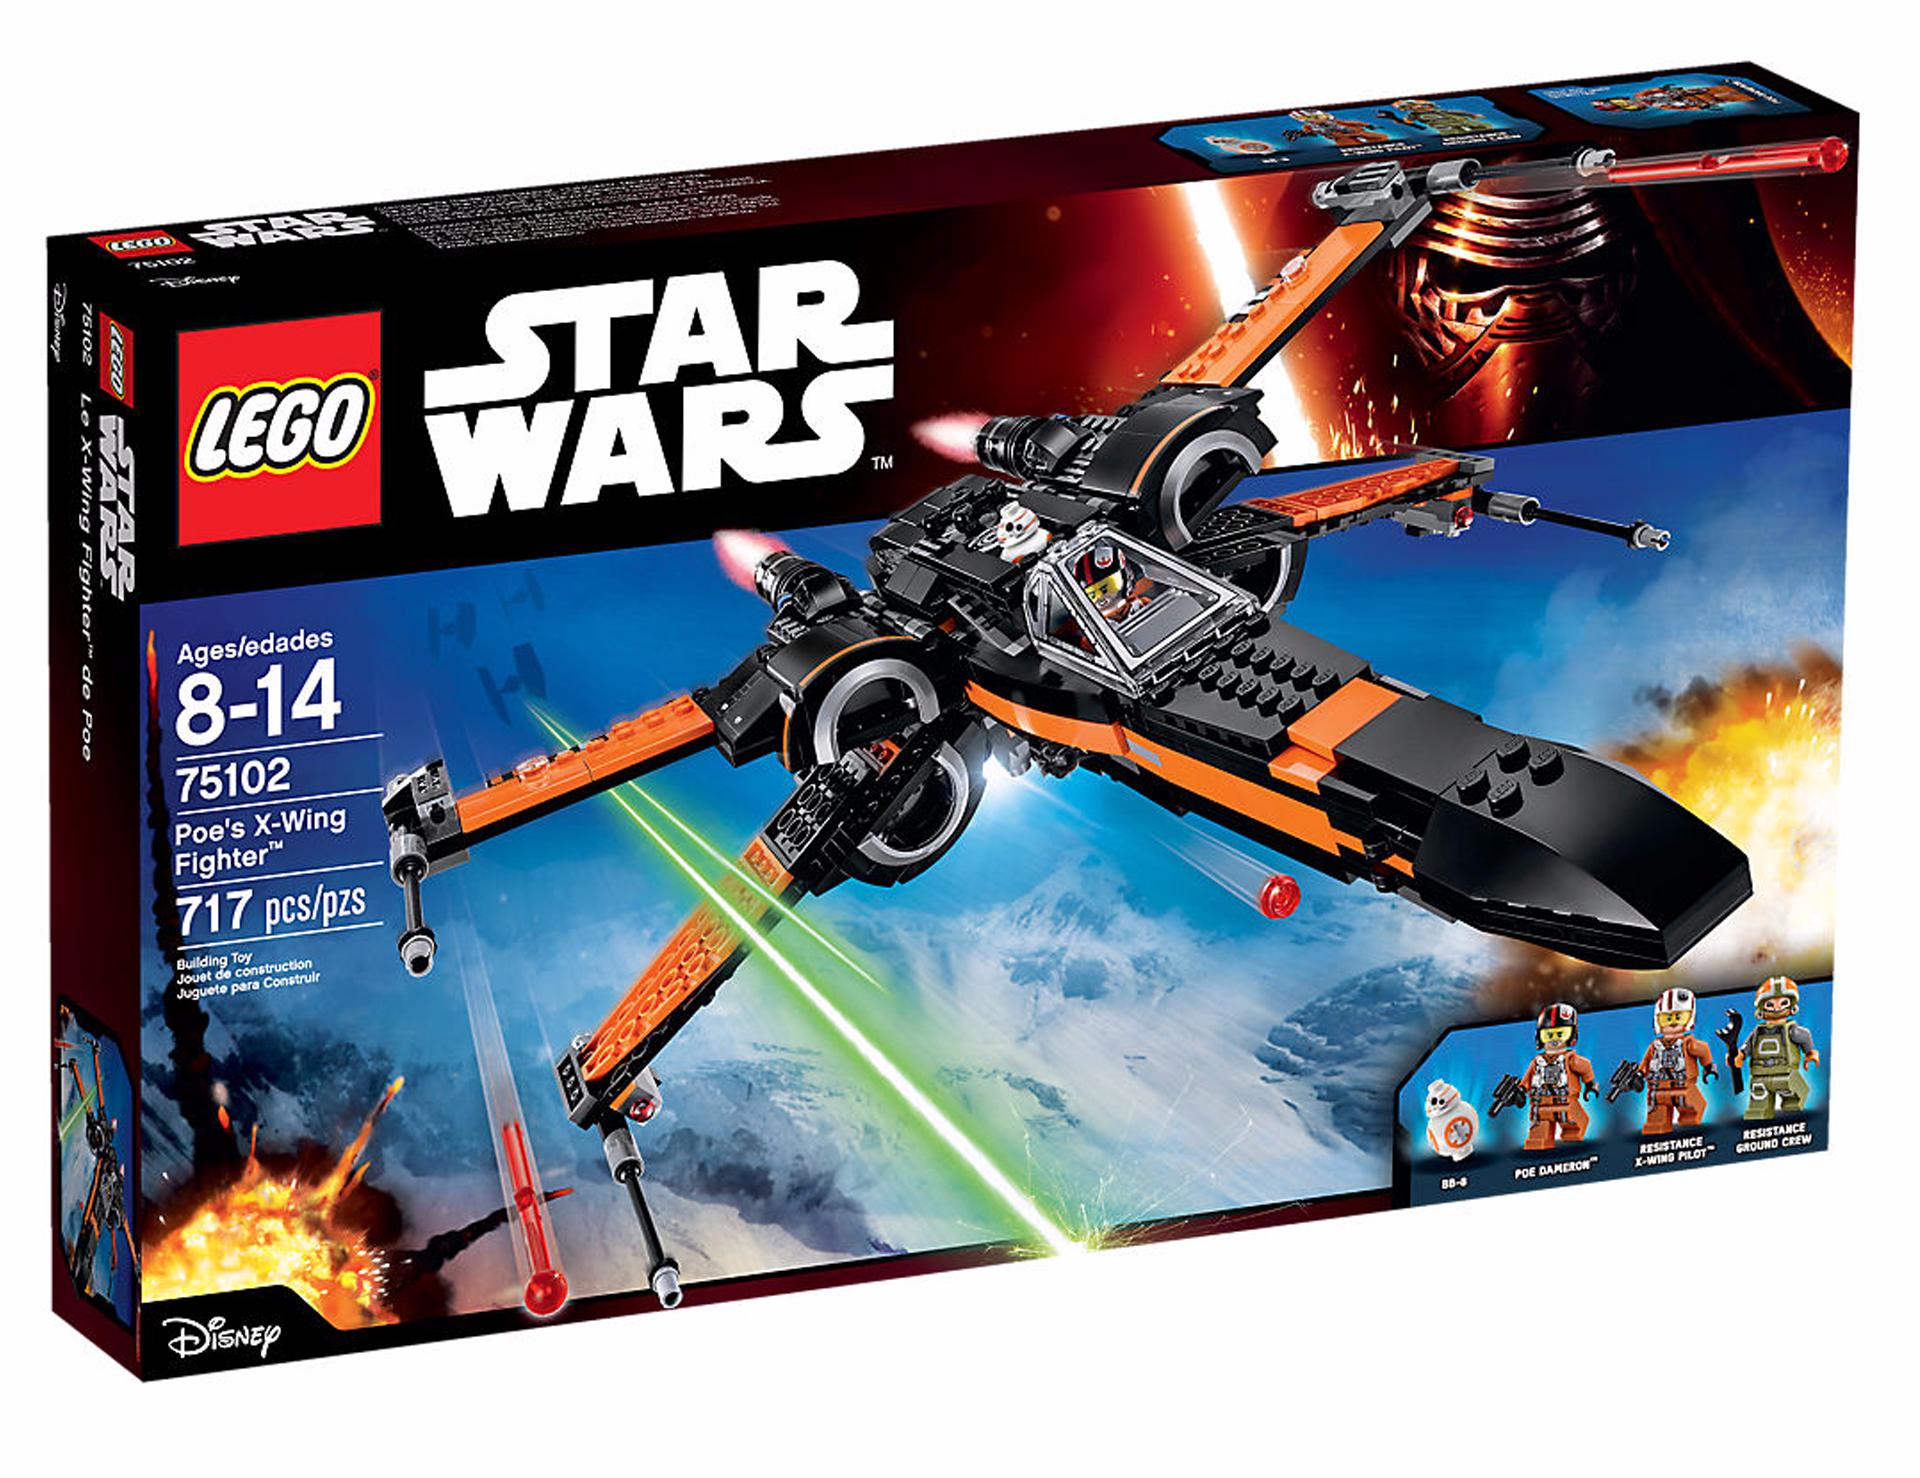 Wing Lego Poe's X Star Wars Fighter kOPiXZu